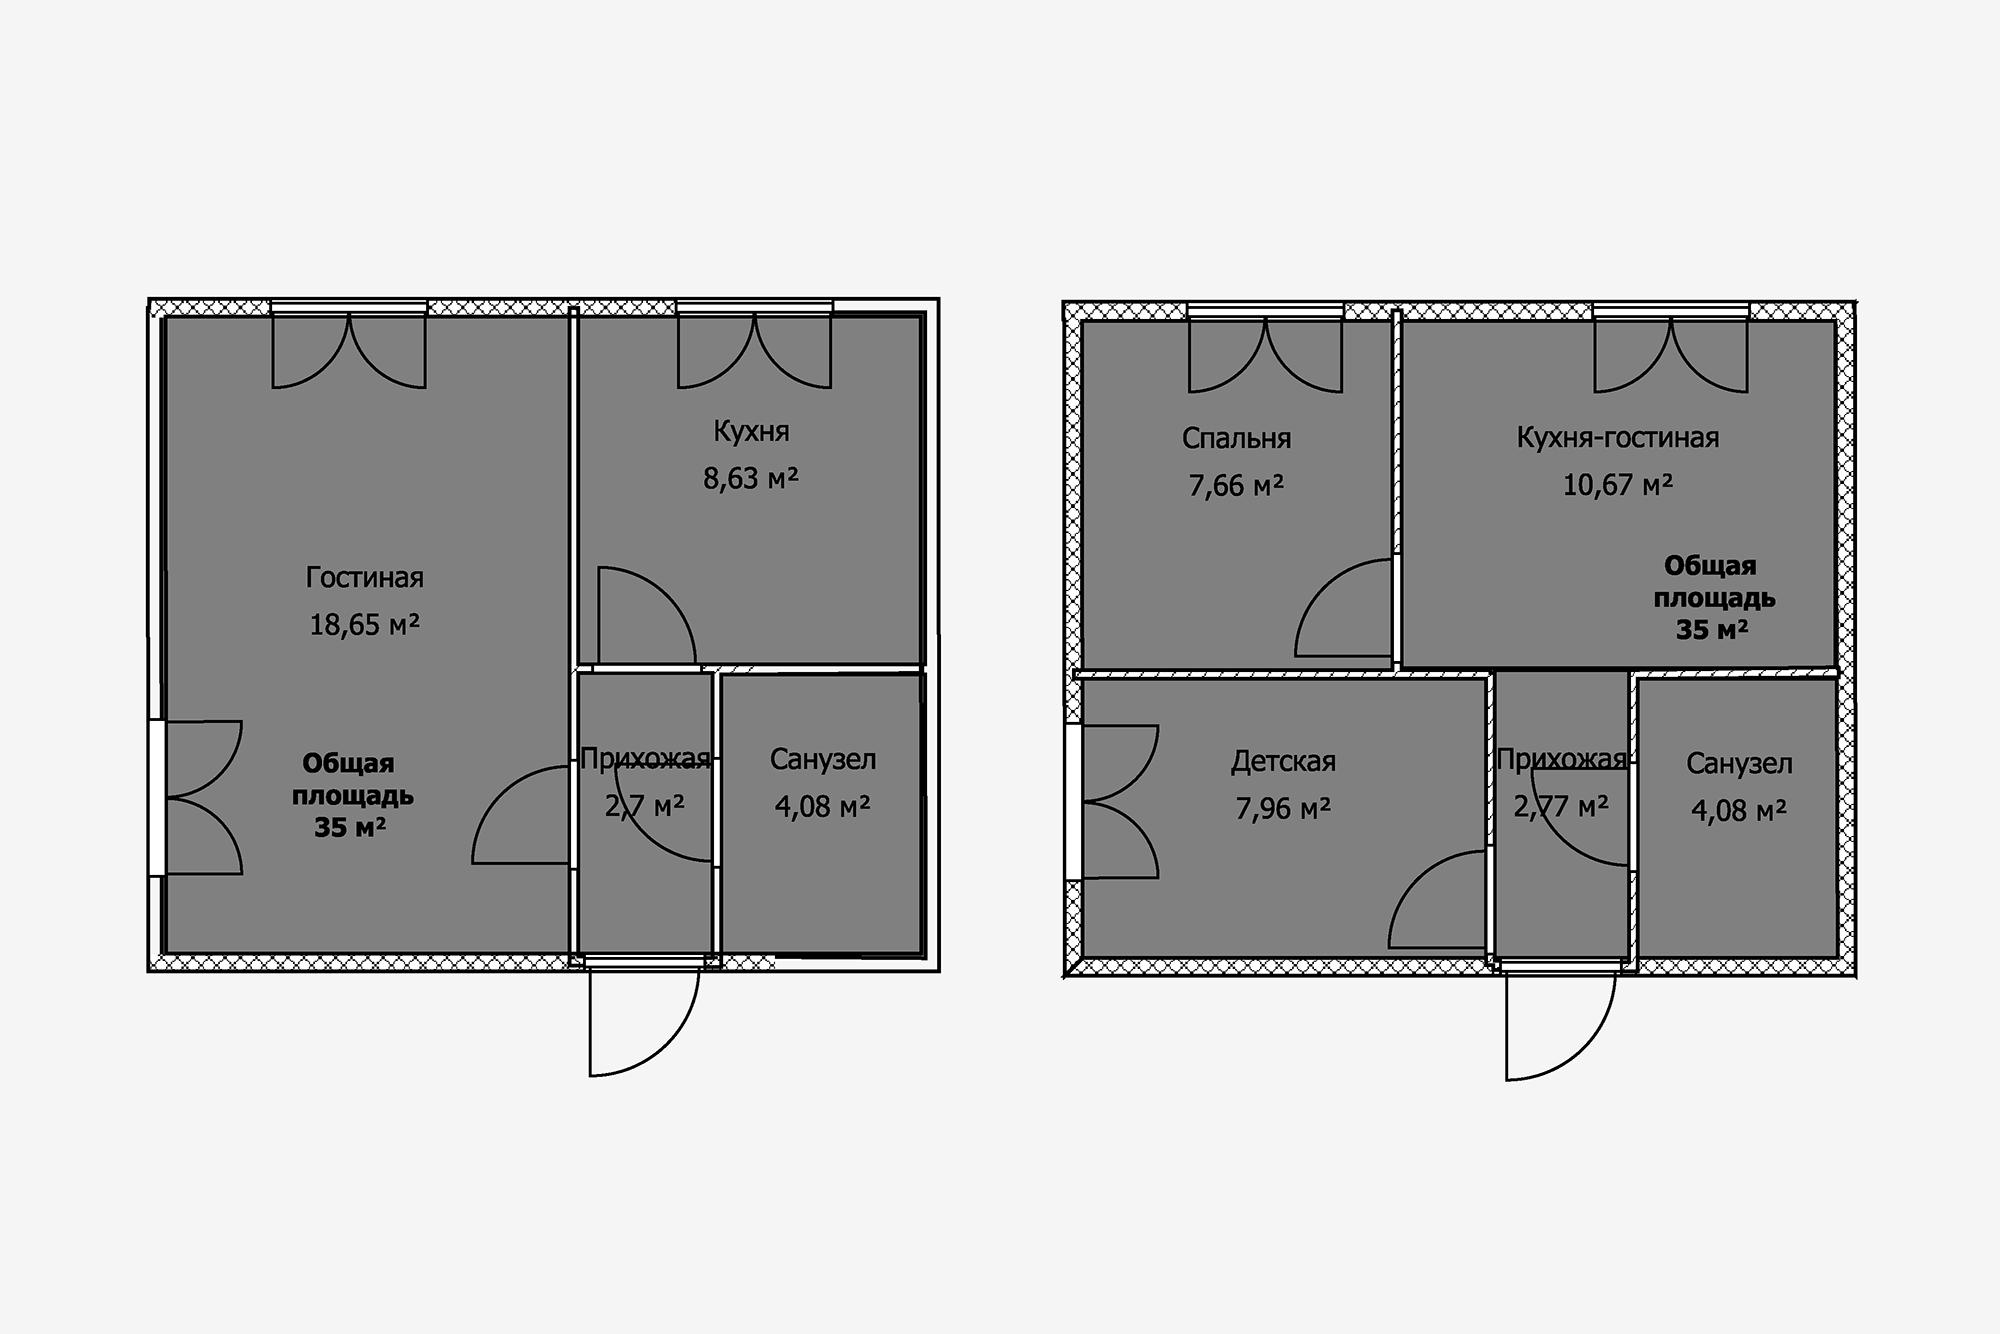 Вугловых квартирах окон обычно больше, потому что они могут выходить надве стороны. Втаком случае большую комнату можно разделить надве изолированные спальни. Конечно, они крошечные, нодля семьи сребенком это выход, если бюджет жестко ограничен